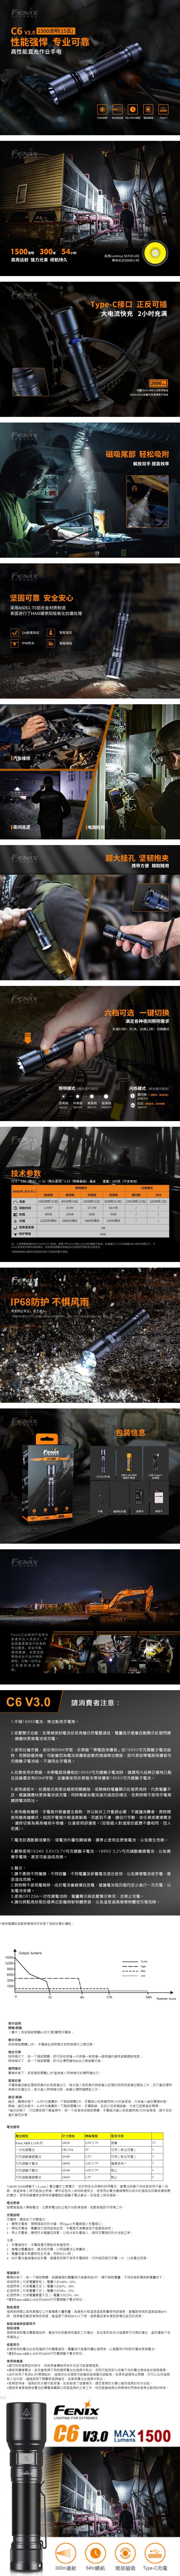 Fenix C6 V3.0 強光手電筒-down